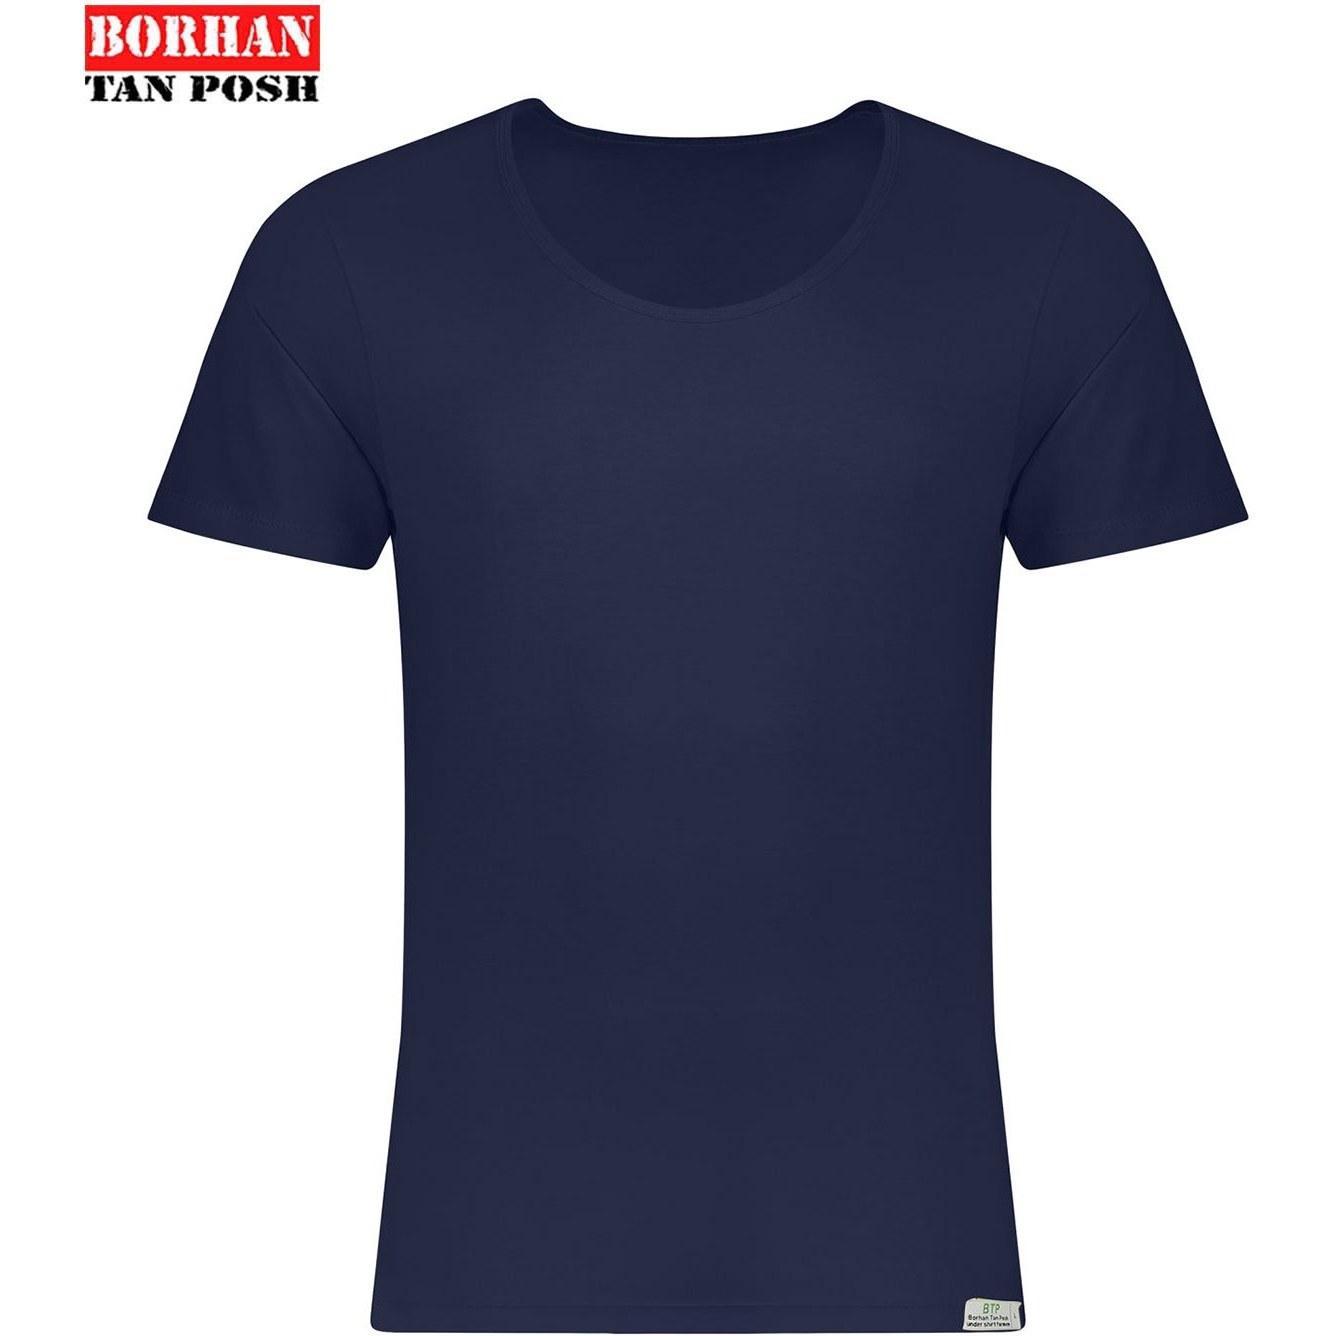 تصویر زیرپوش آستین دار مردانه برهان تن پوش مدل 9-02